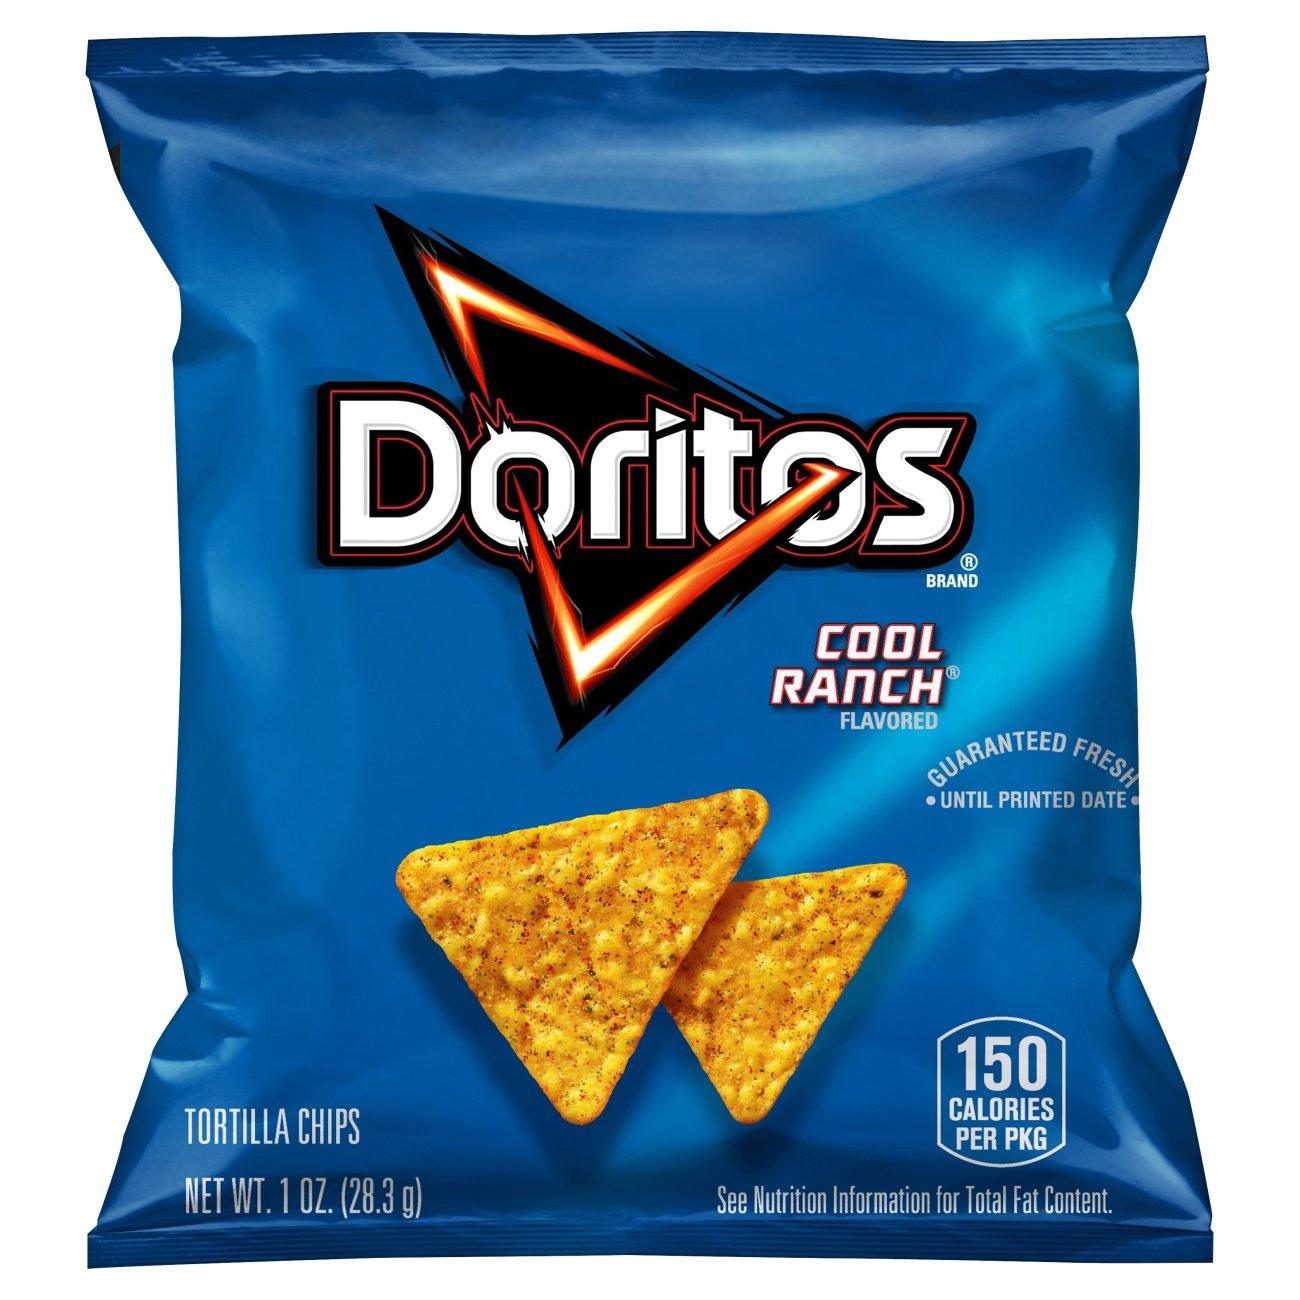 Doritos Cool Ranch Tortilla Chips Shop Chips At H E B